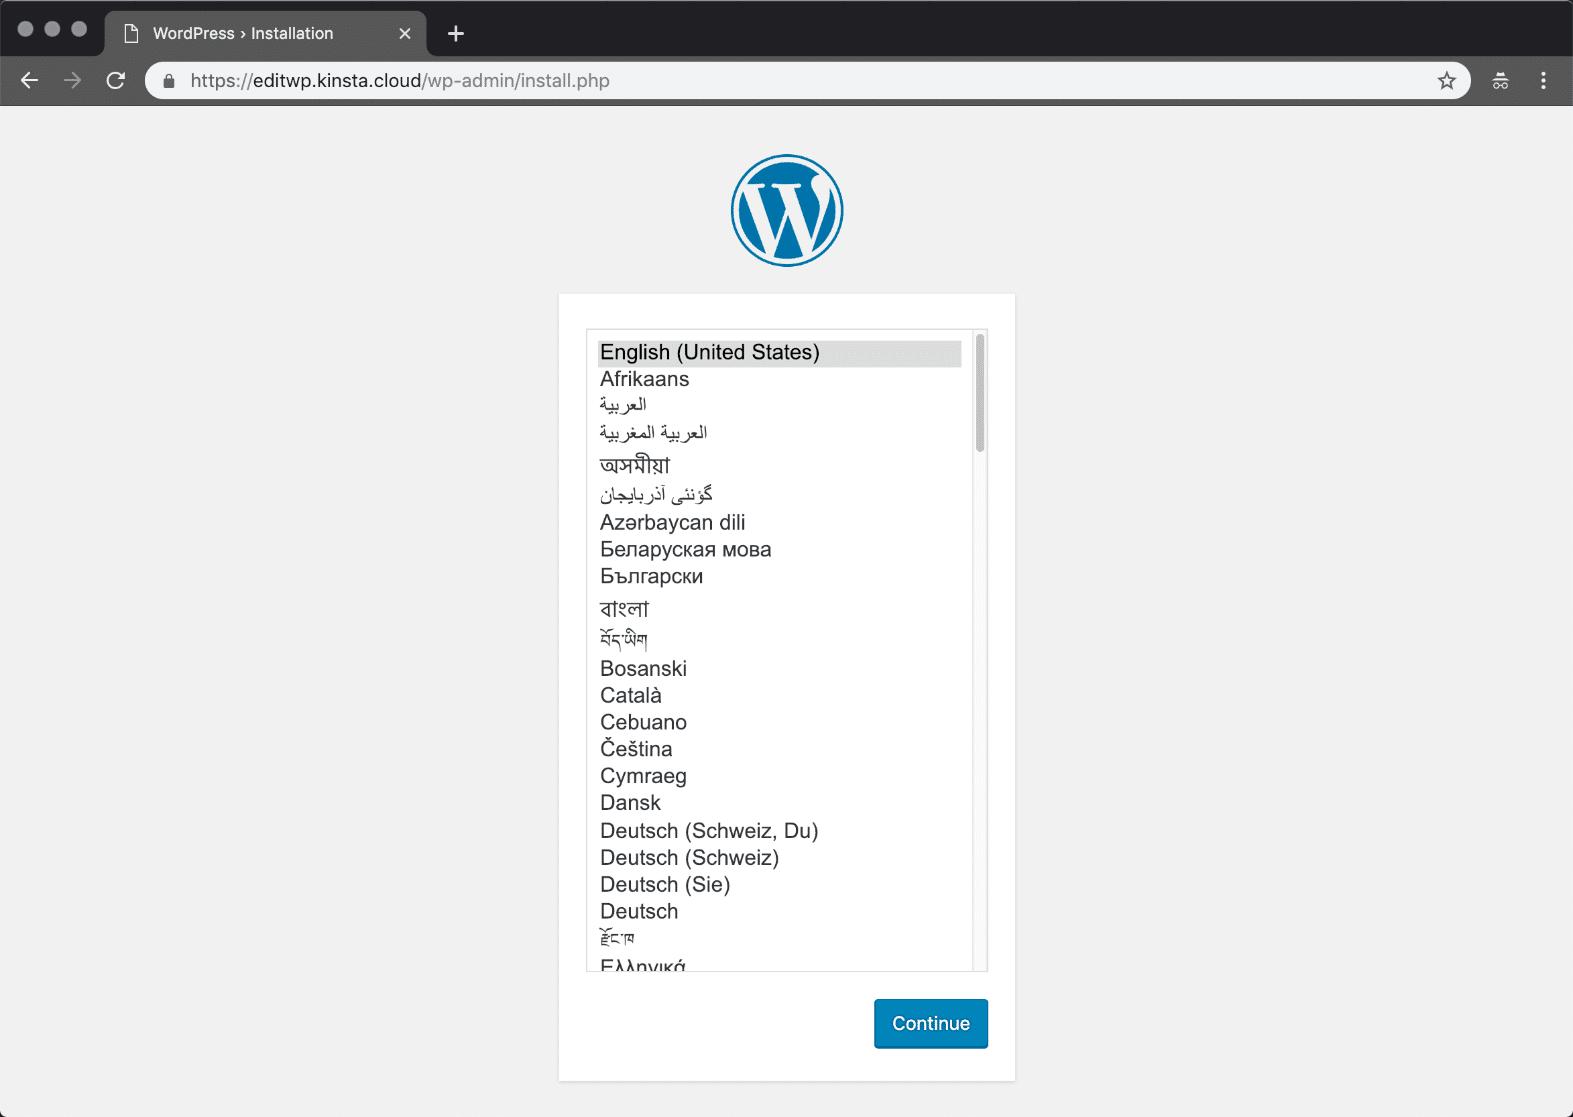 WordPress Installationssprache